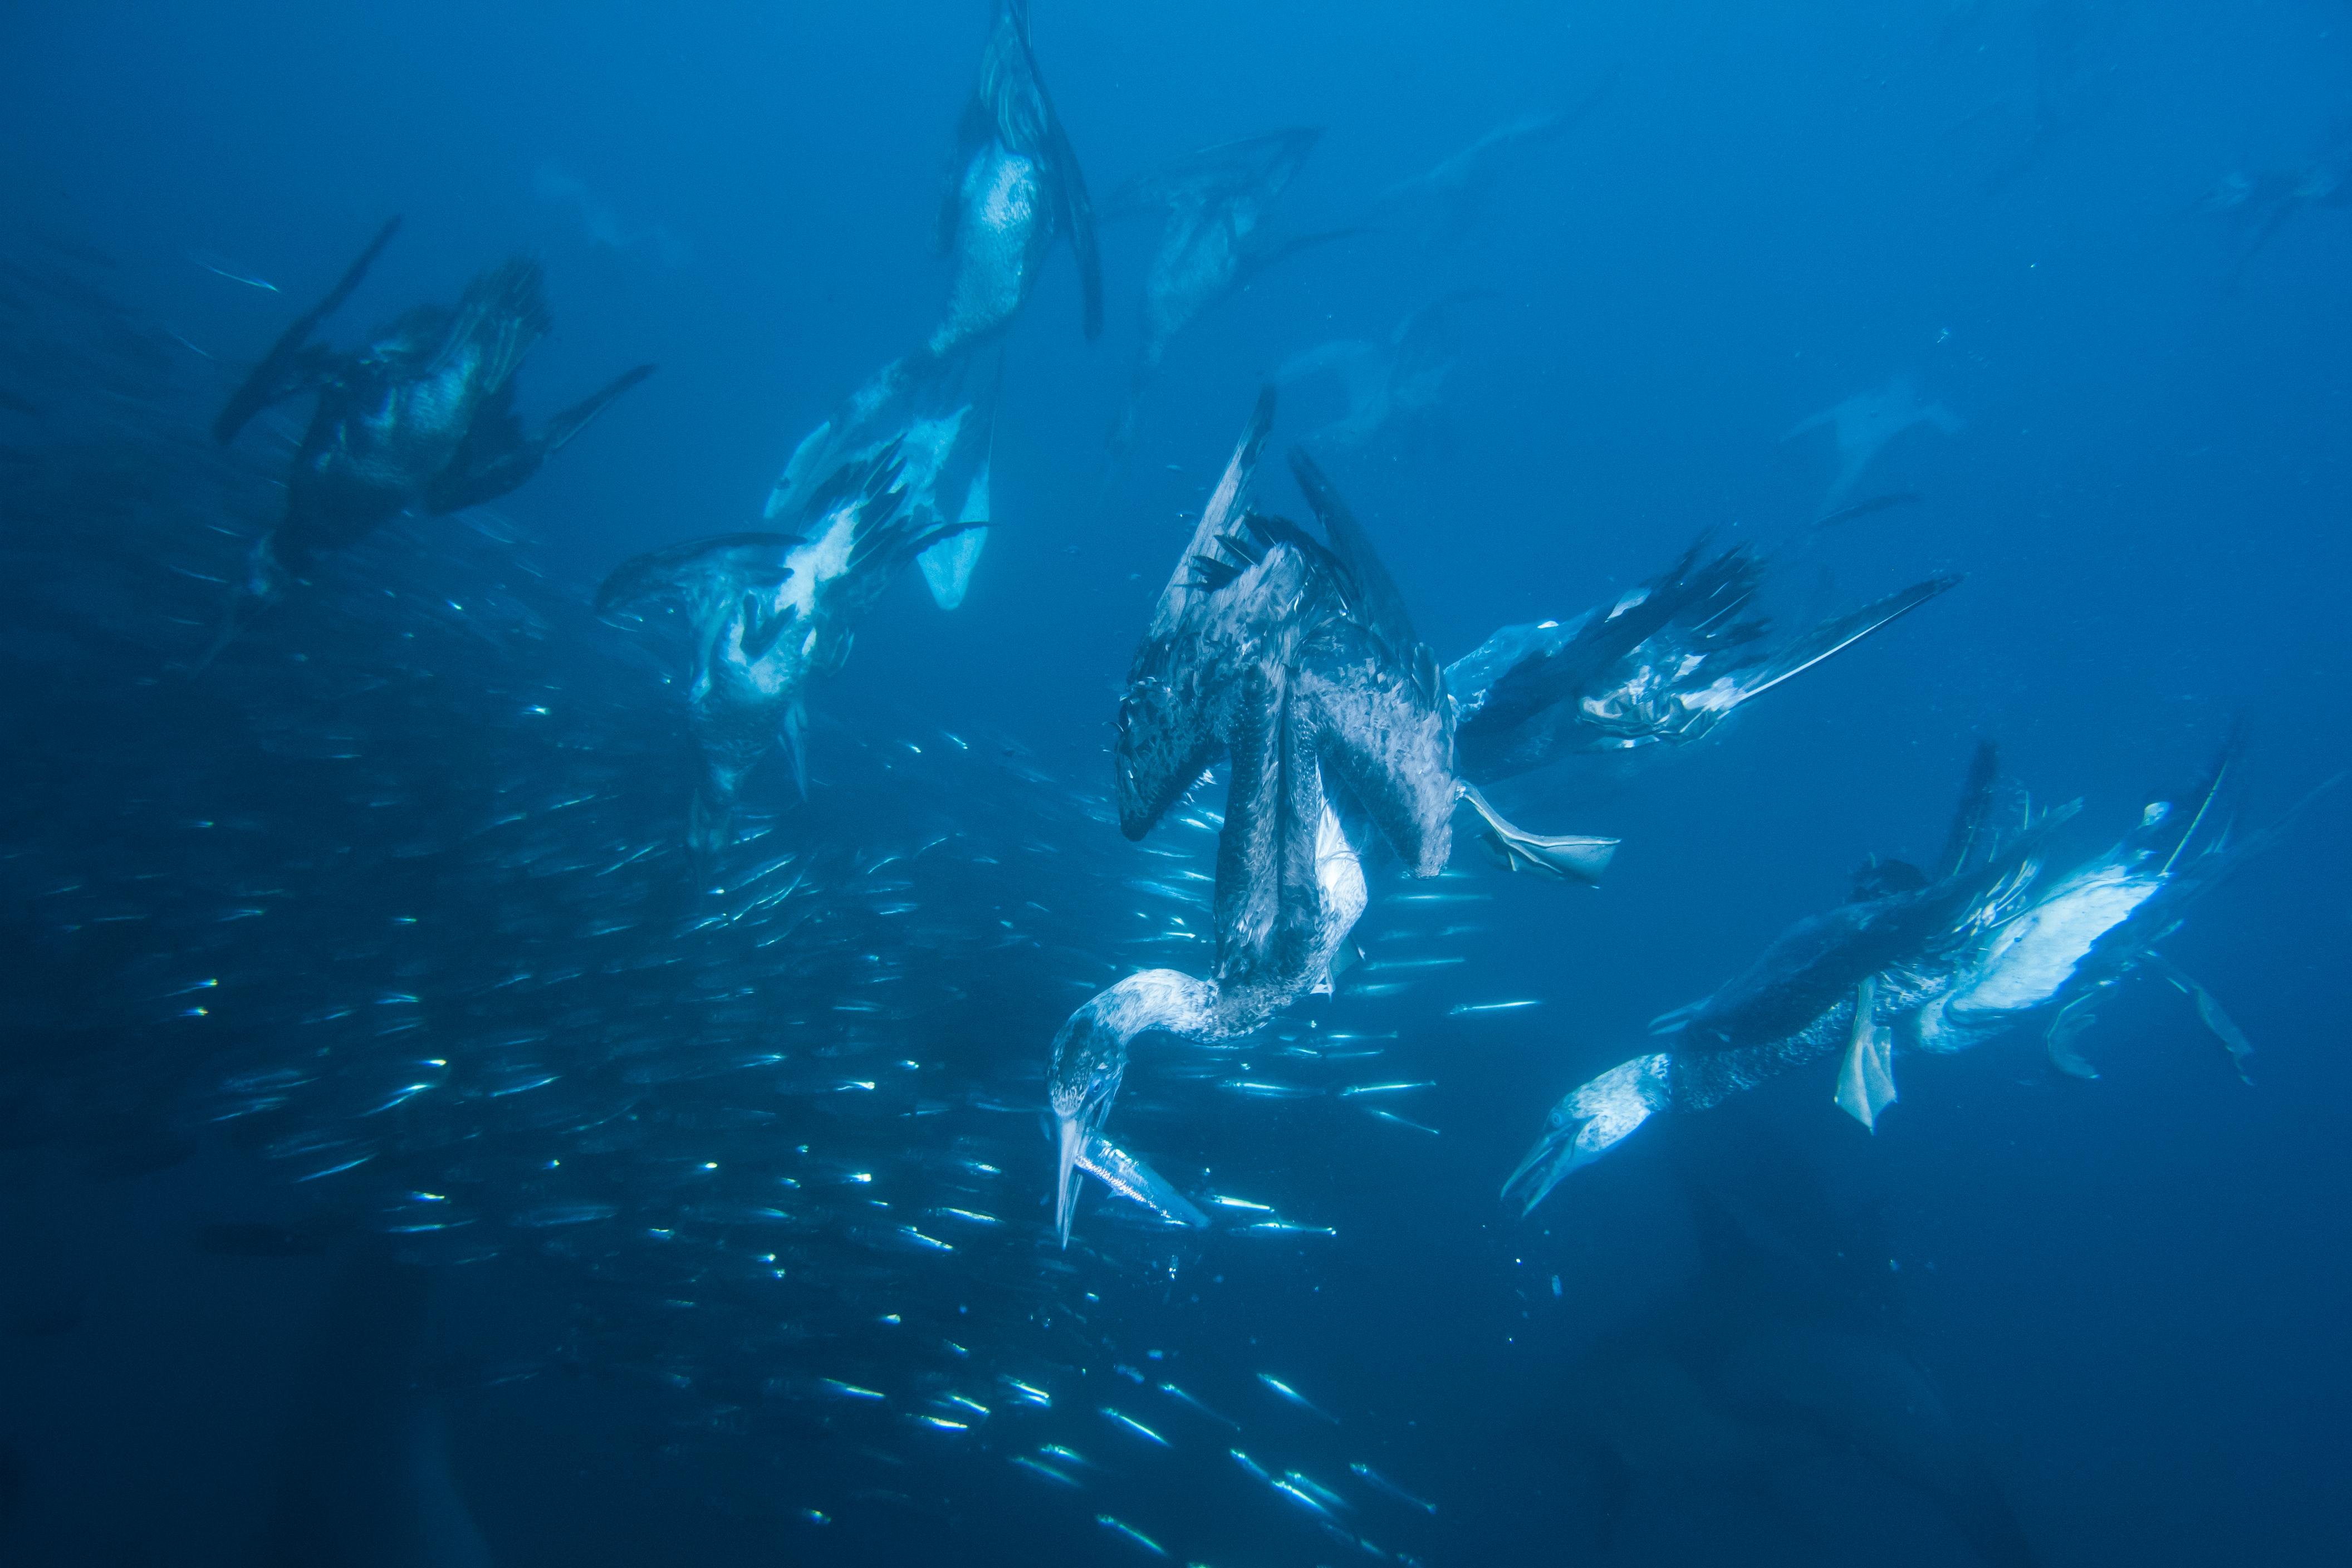 sardine-run-kaptoelpel-schnappt-sardine.